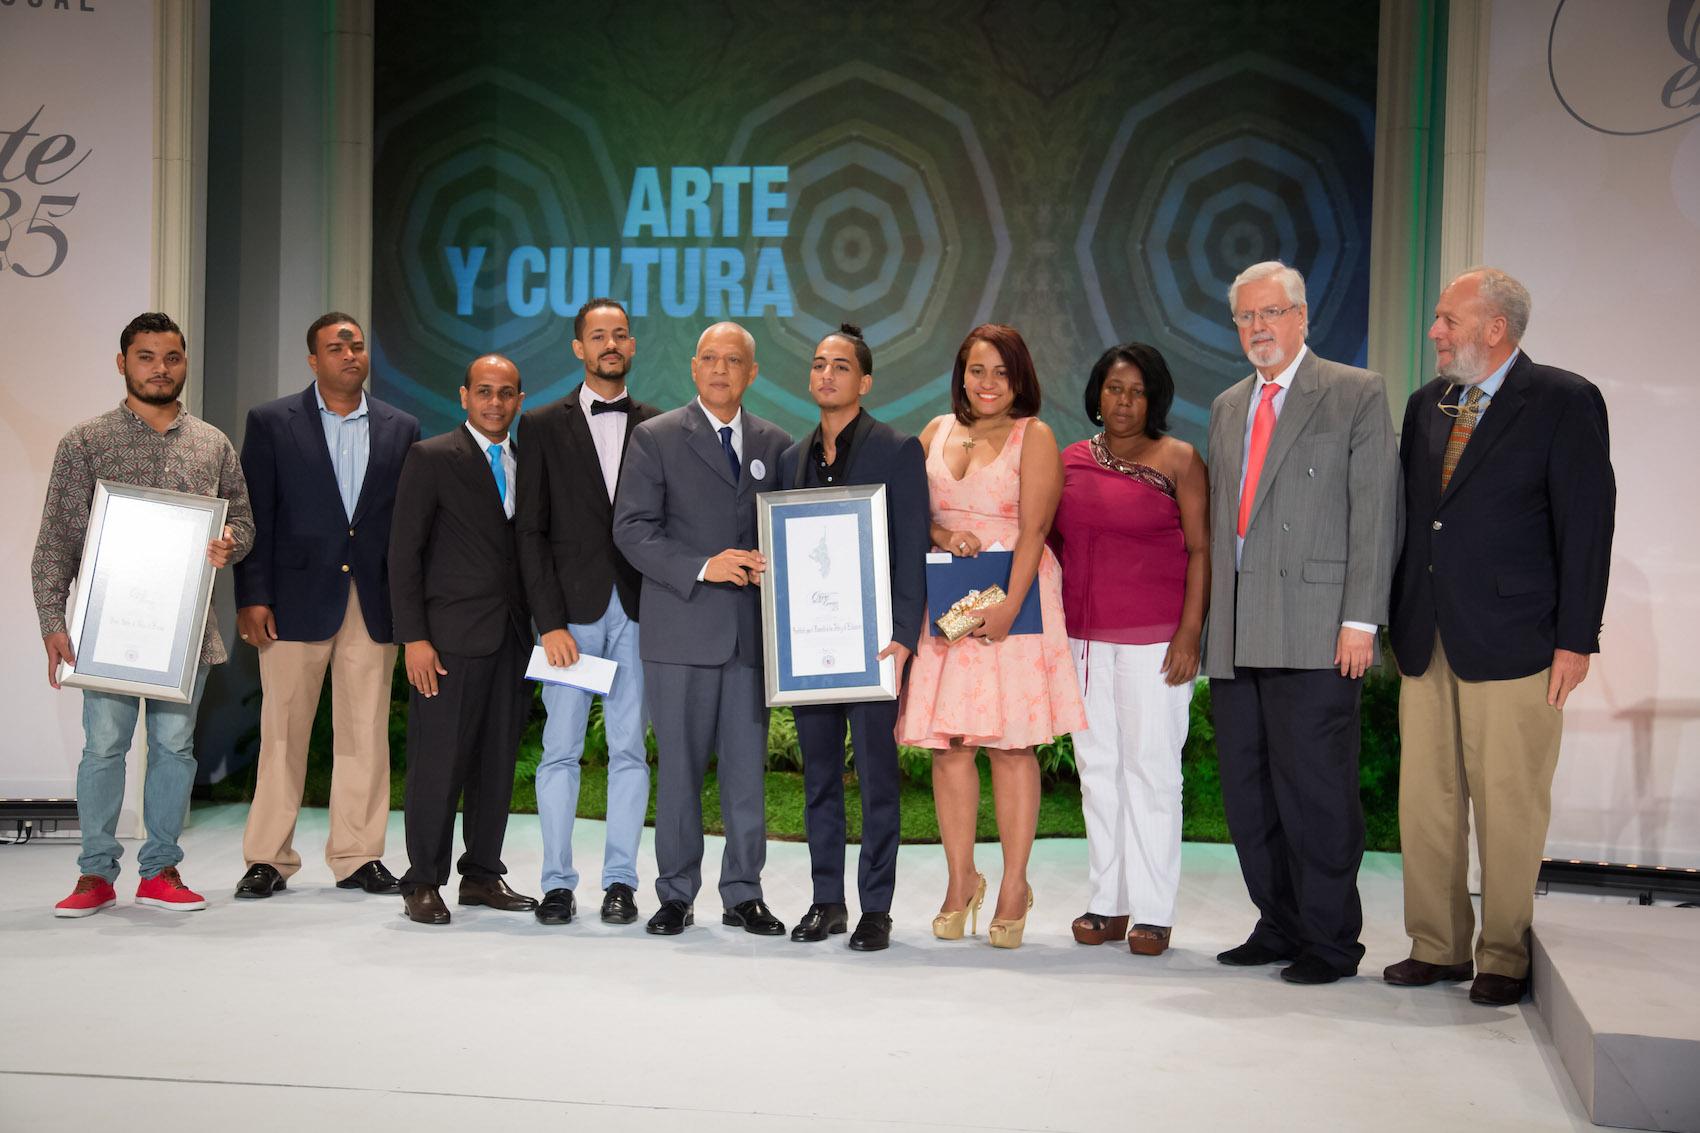 Santos Palo Bonao e Institución para Desarrollo Artes y Comunicación, recibieron premio en Categoría Cultura. | Foto: John McFarlane.